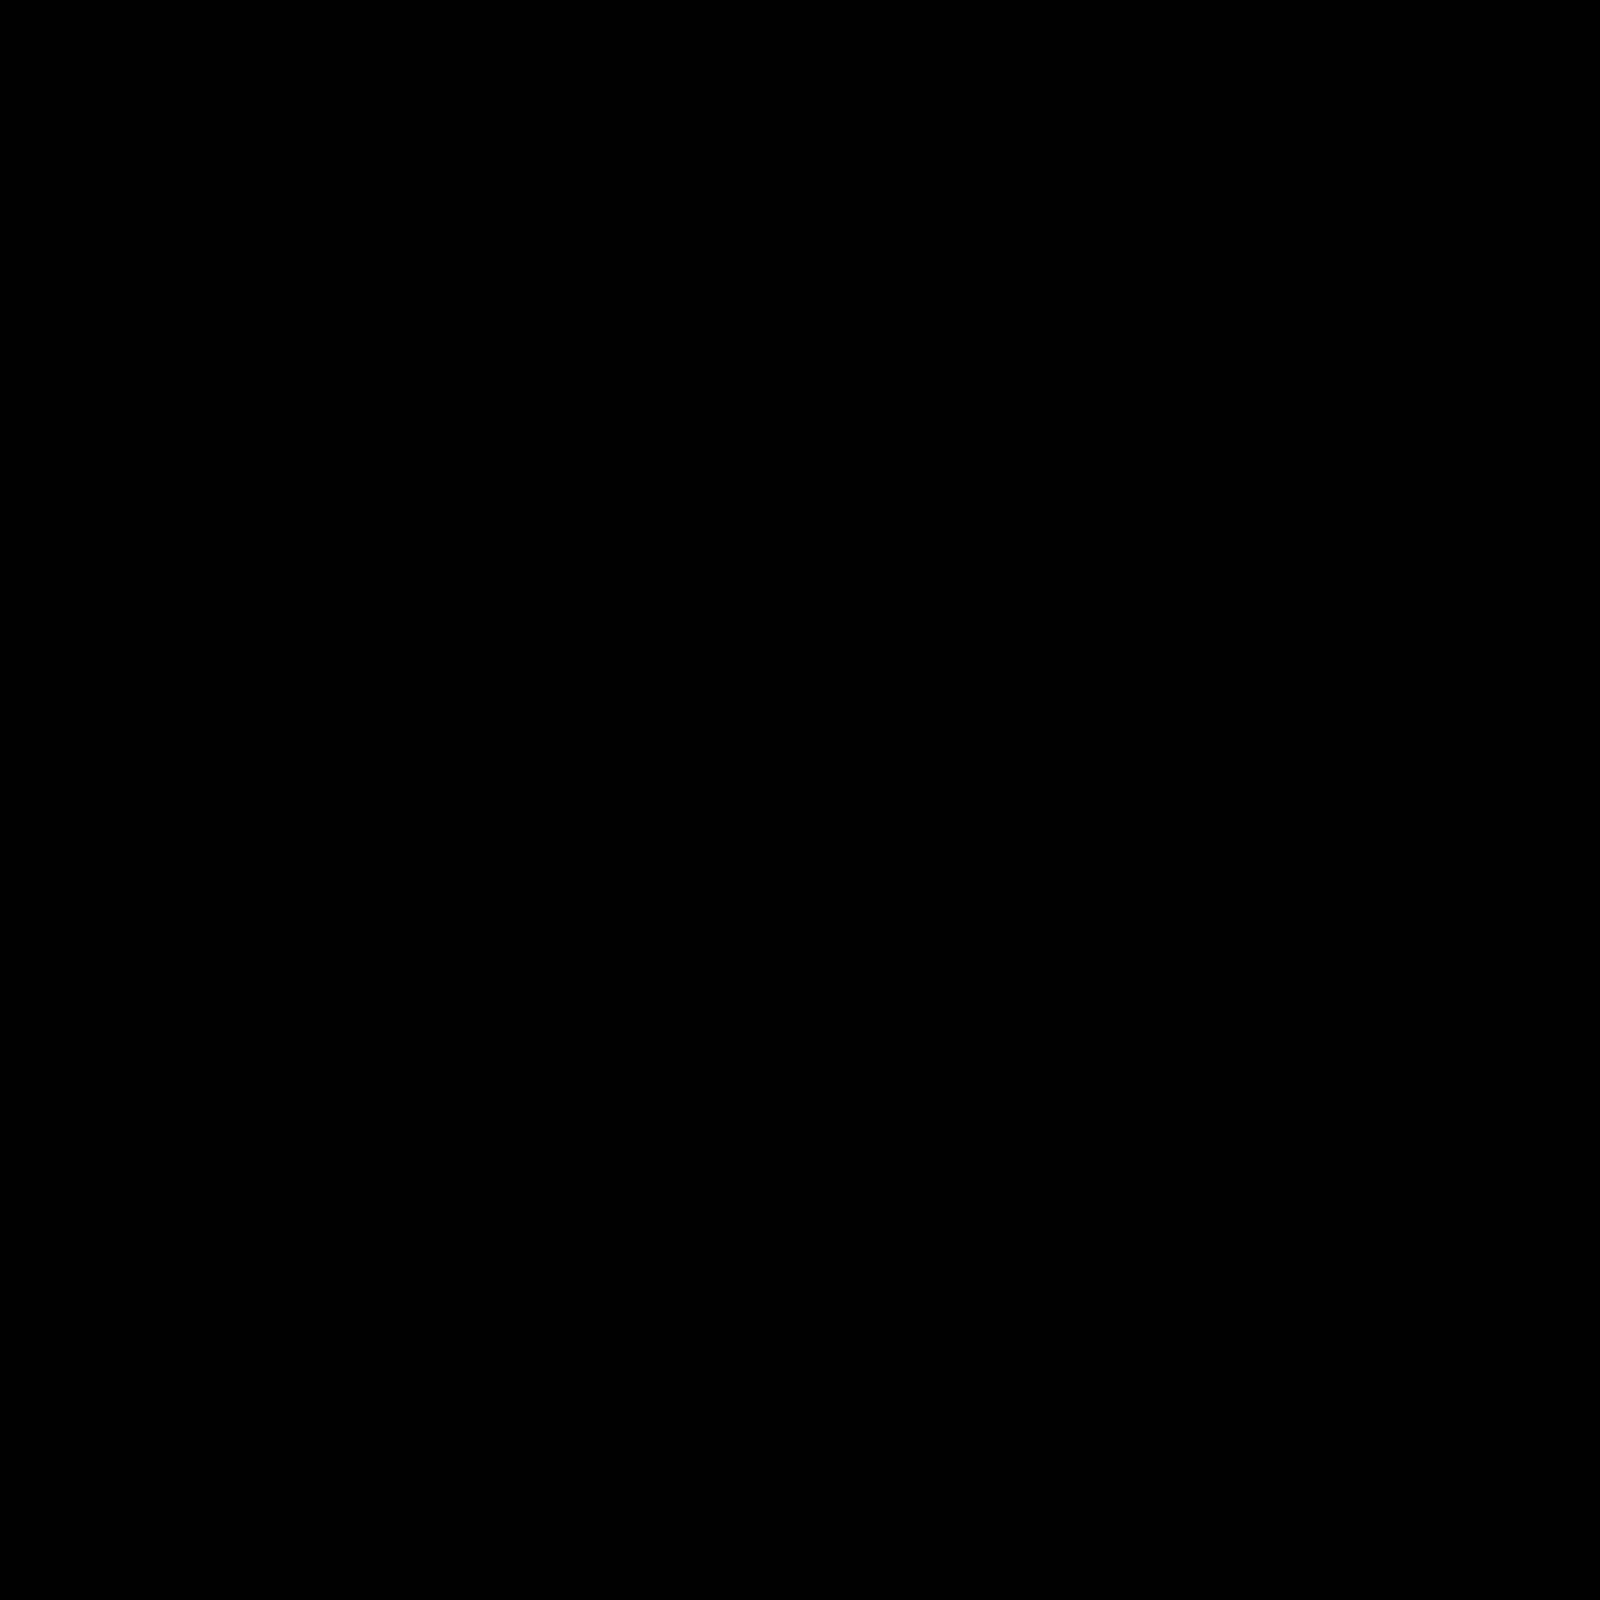 Pobierz raport graficzny icon